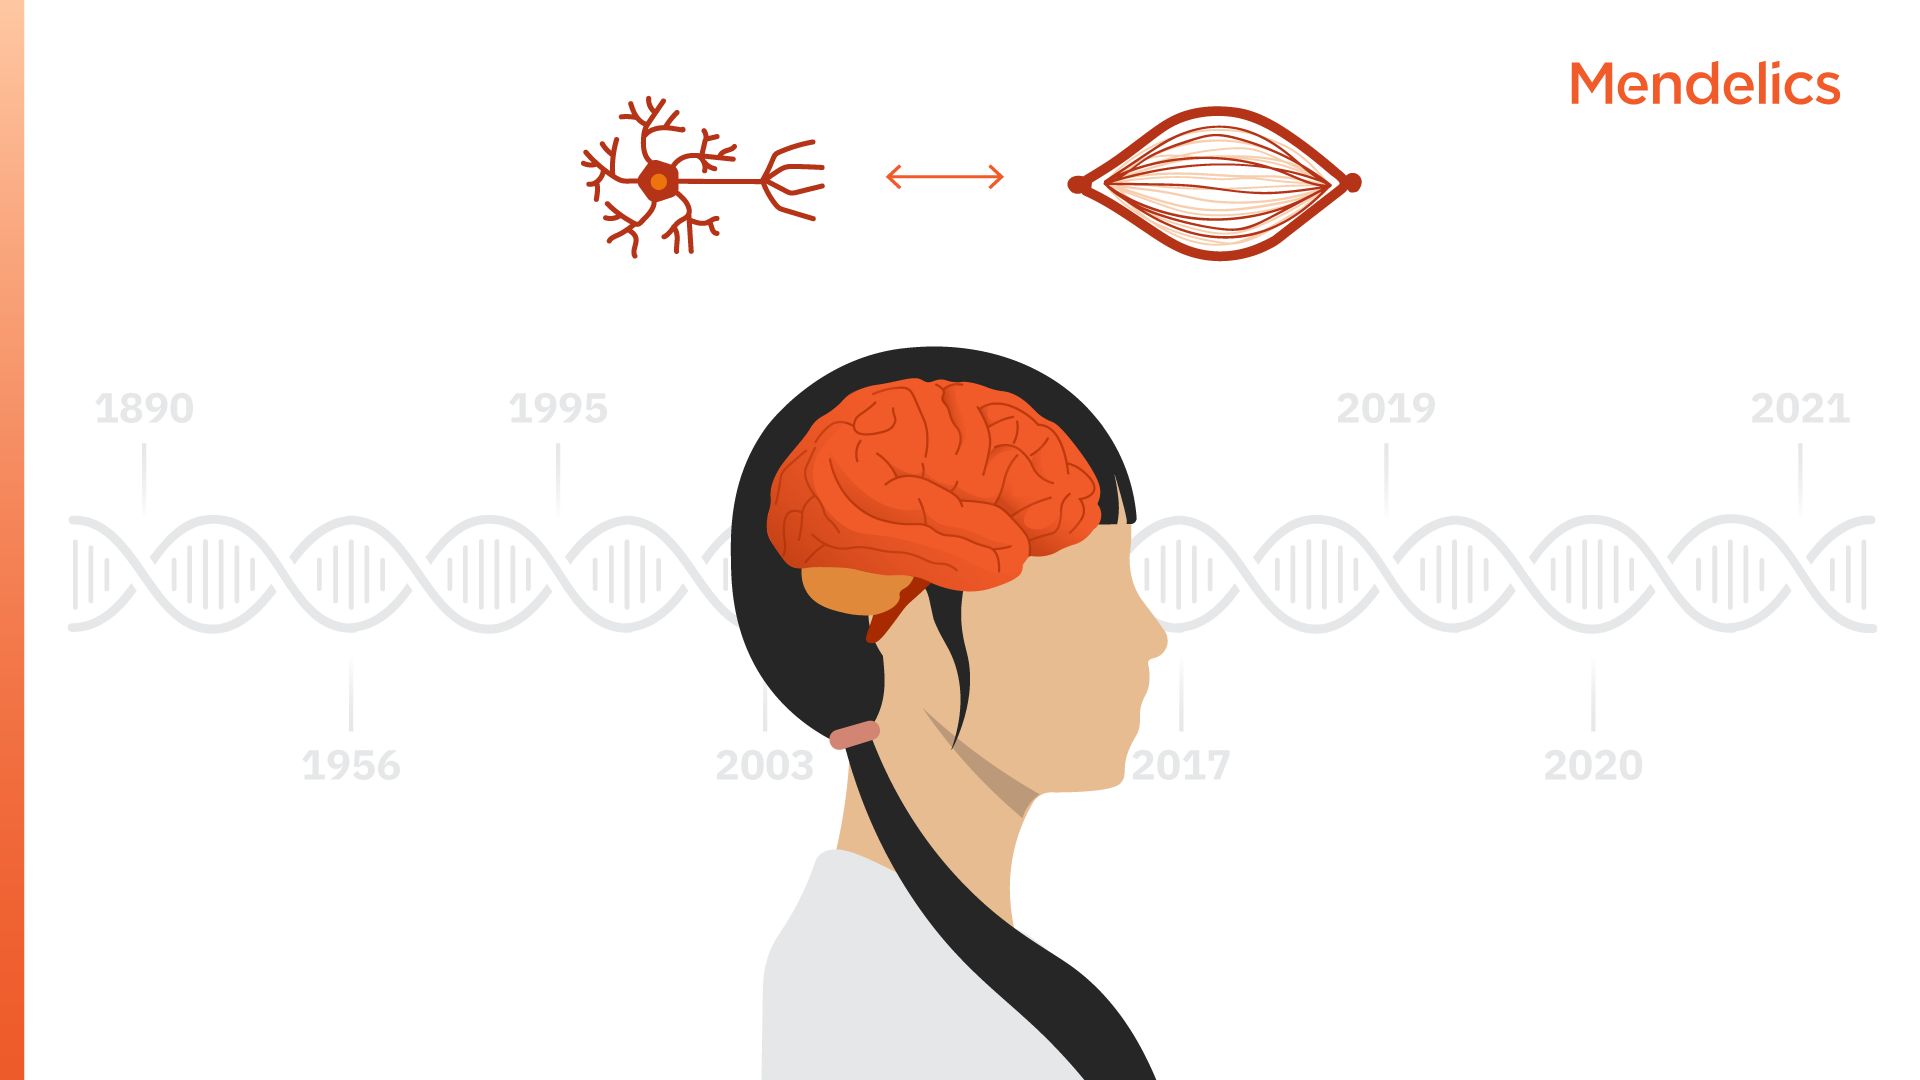 ilustração de uma menina com foco no seu cérebro e a ligação entre cérebro e músculo e o DNA ao fundo em cinza. AME atrofia muscular espinhal